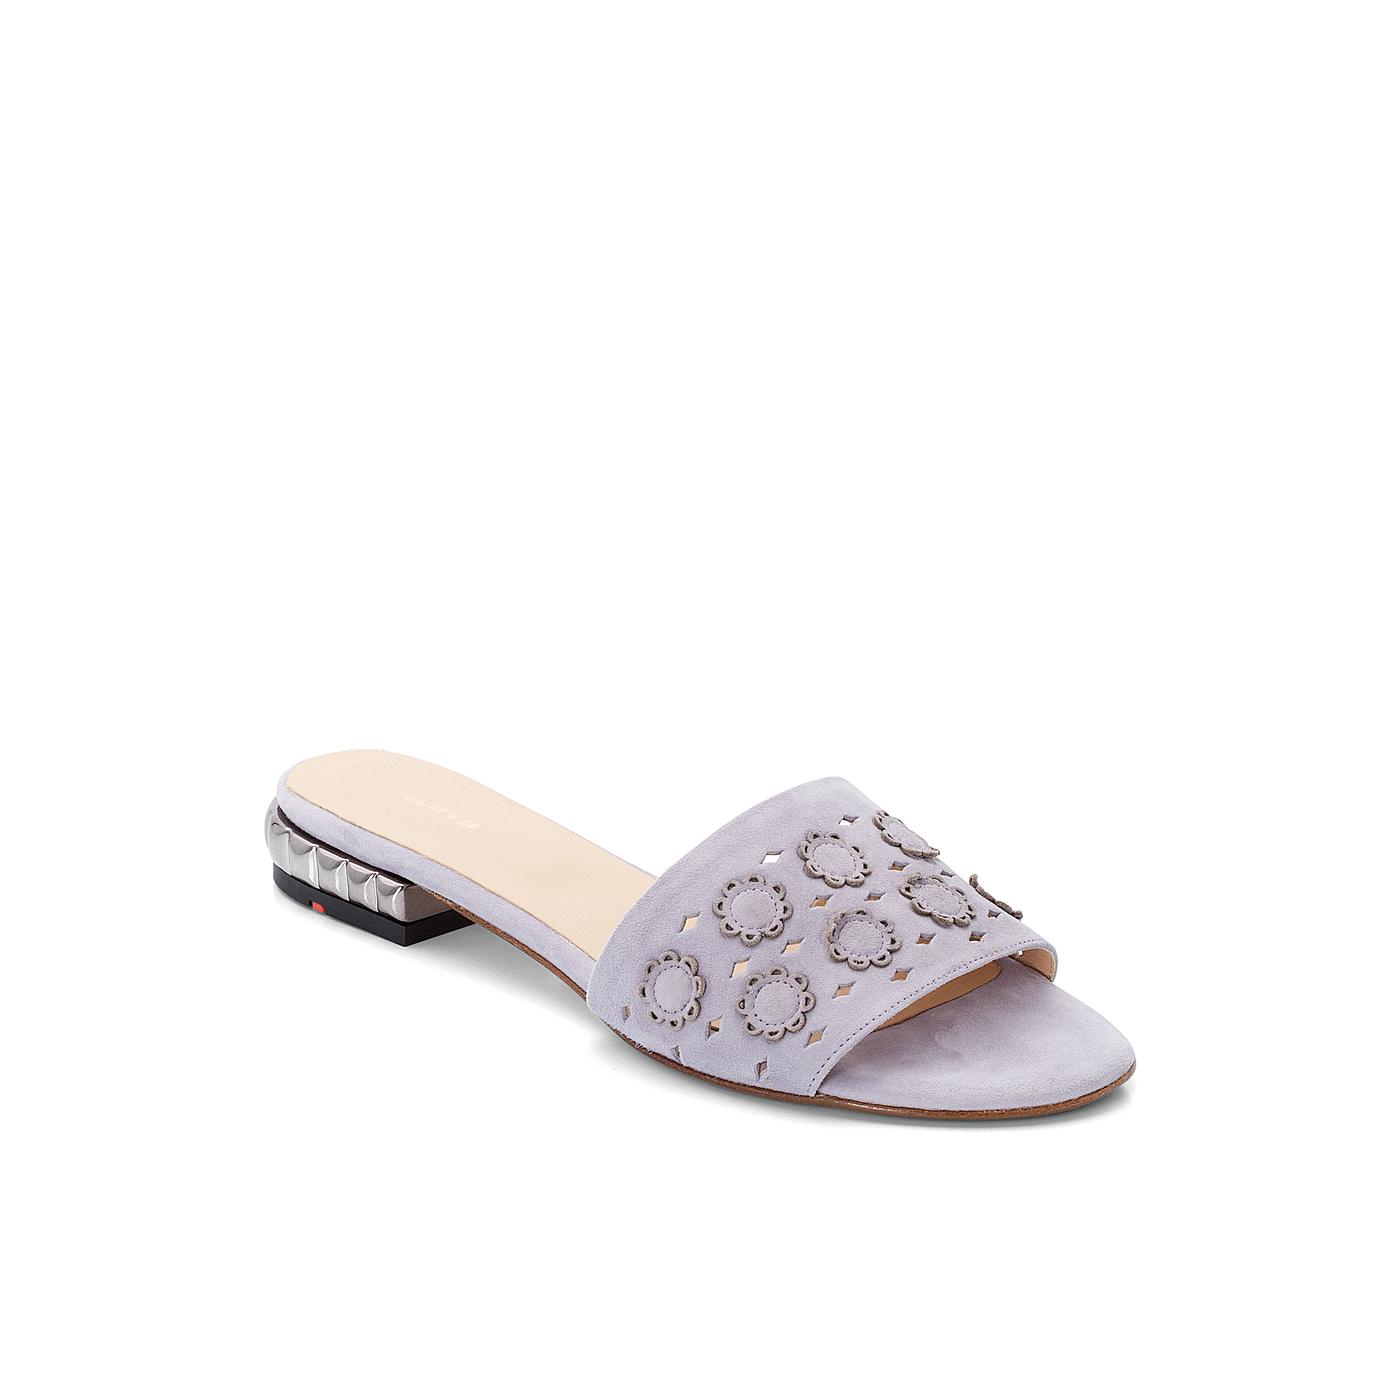 PANTOLETTEN | Schuhe > Clogs & Pantoletten > Klassische Pantoletten | Lila | LLOYD